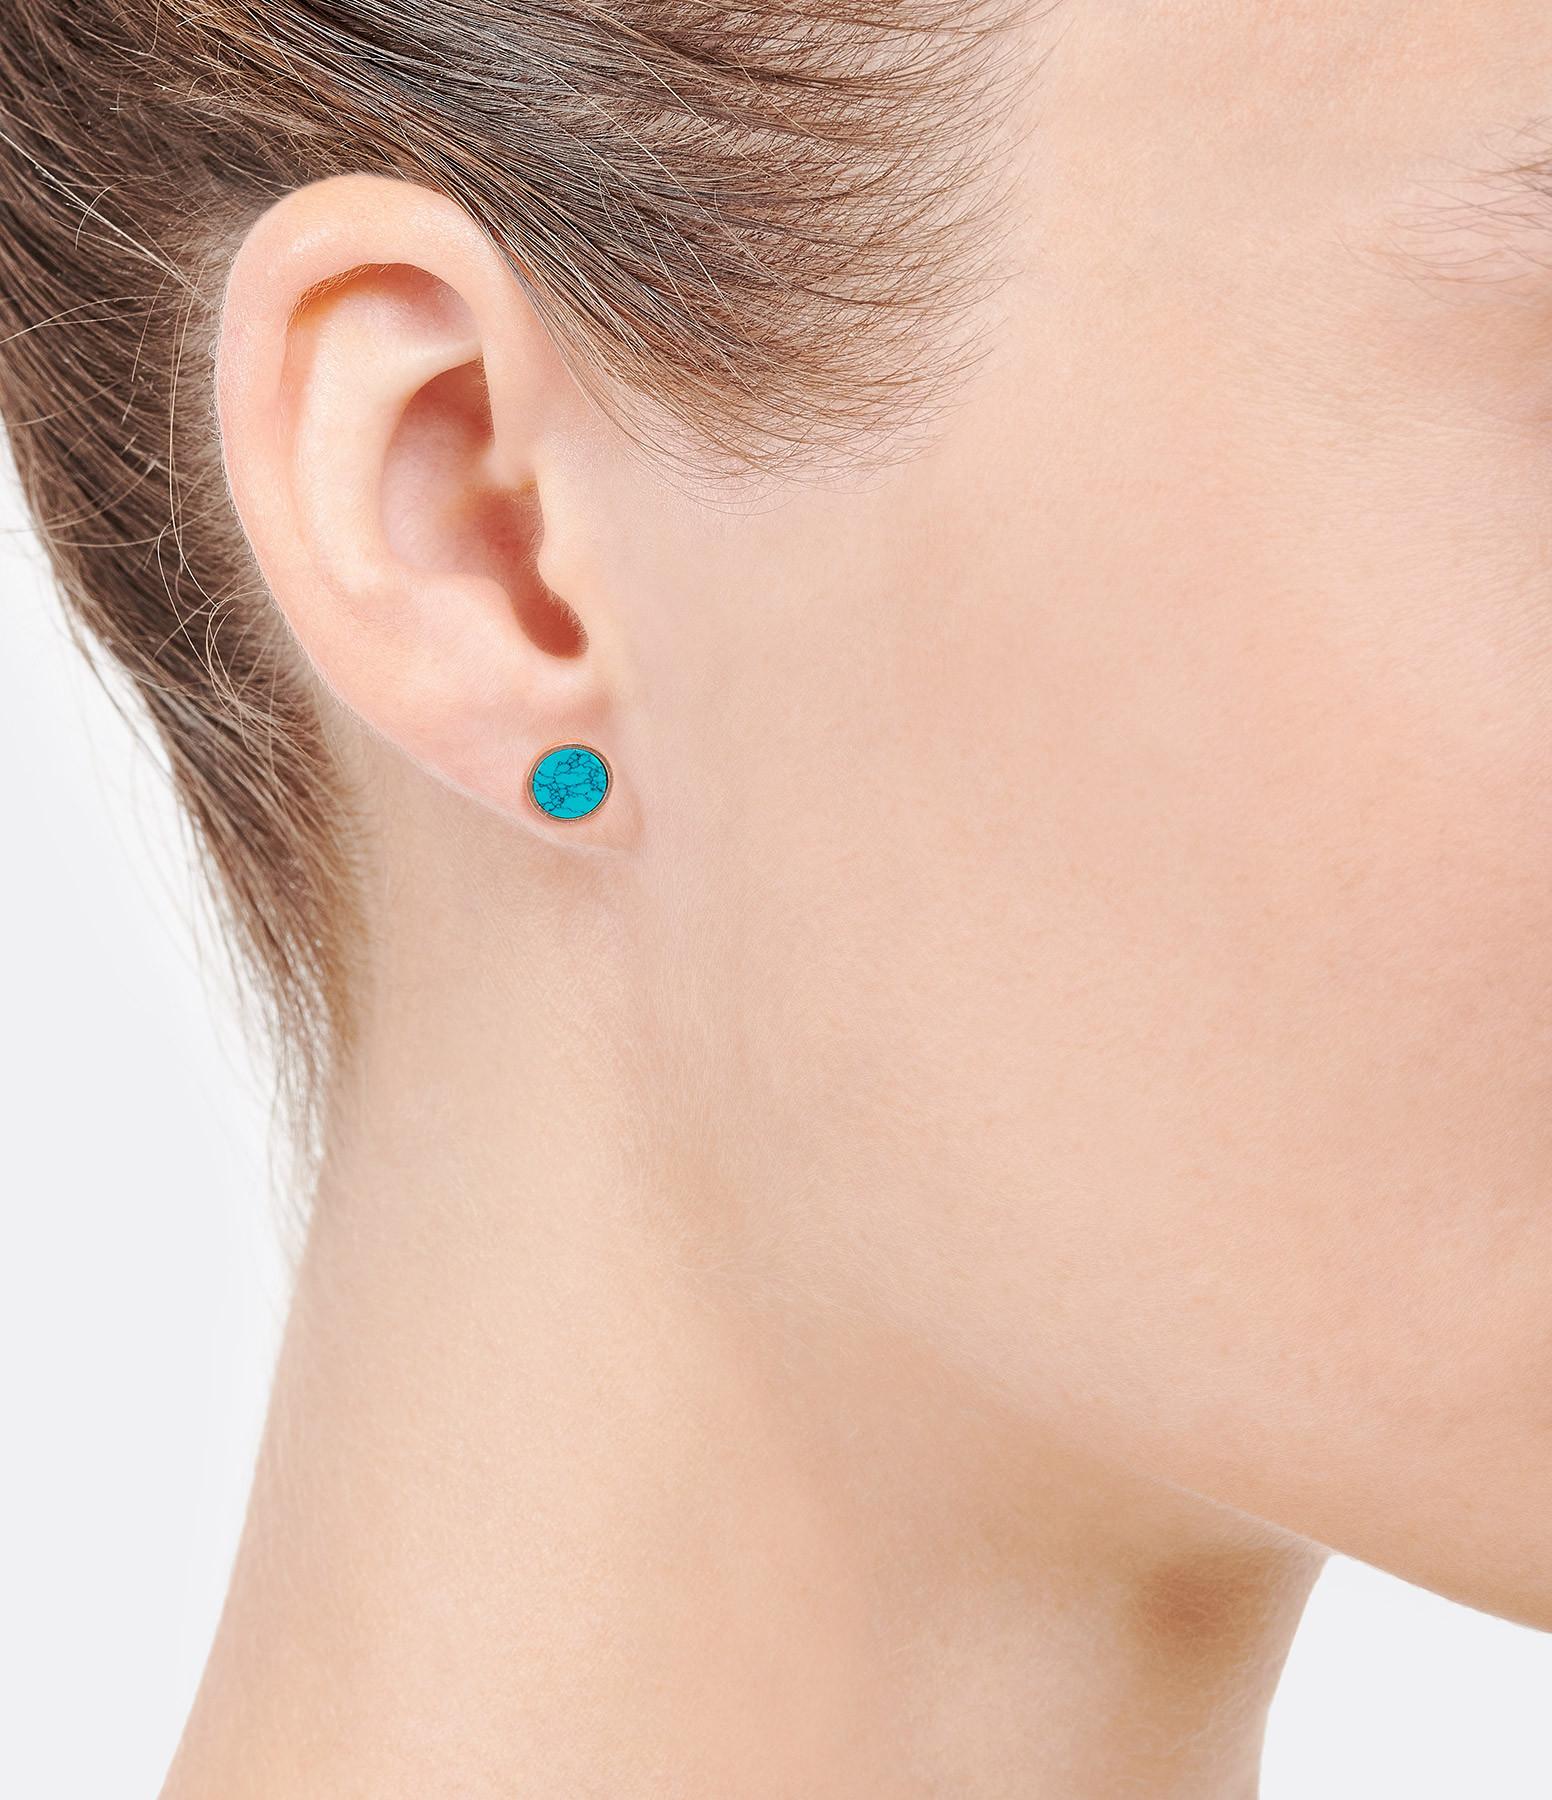 GINETTE NY - Boucle d'oreille Ever Disc Or Rose Turquoise (vendue à l'unité)